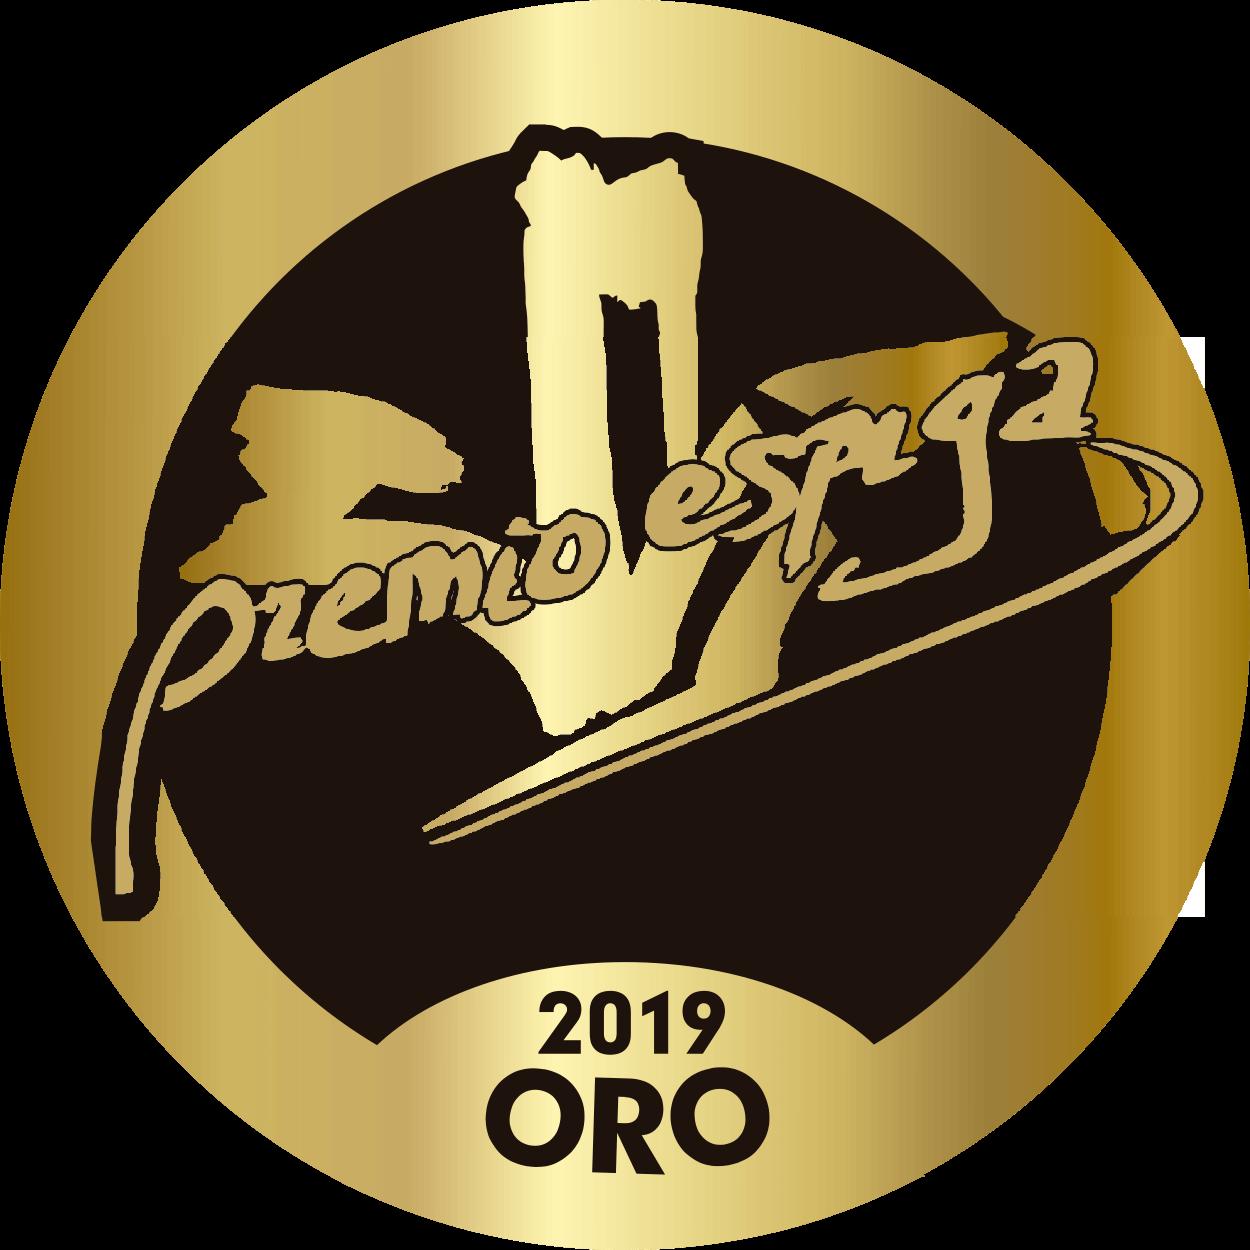 Premio Espiga de oro 2019 <br> Caja Rural